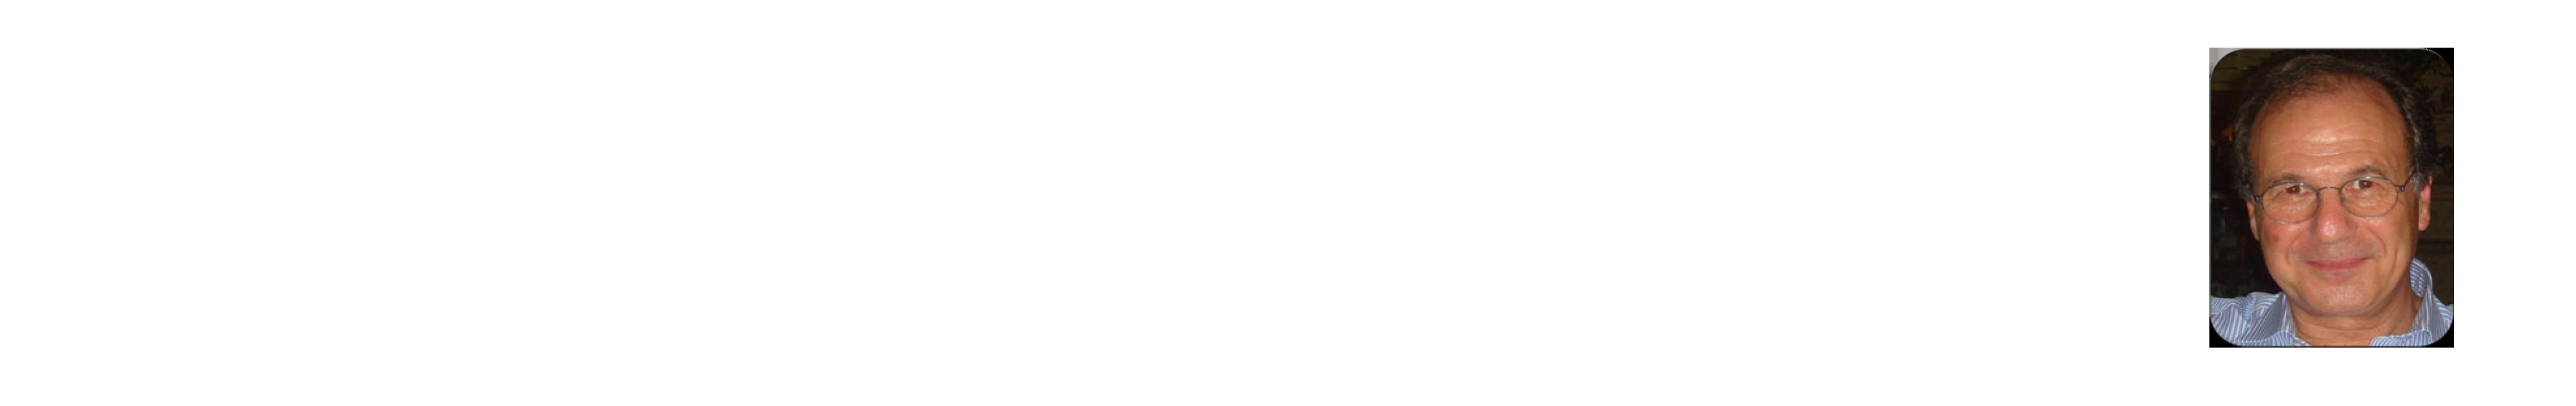 Endoscopiadigestiva.it di Felice Cosentino ….per parlare di Gastroenterologia ed Endoscopia